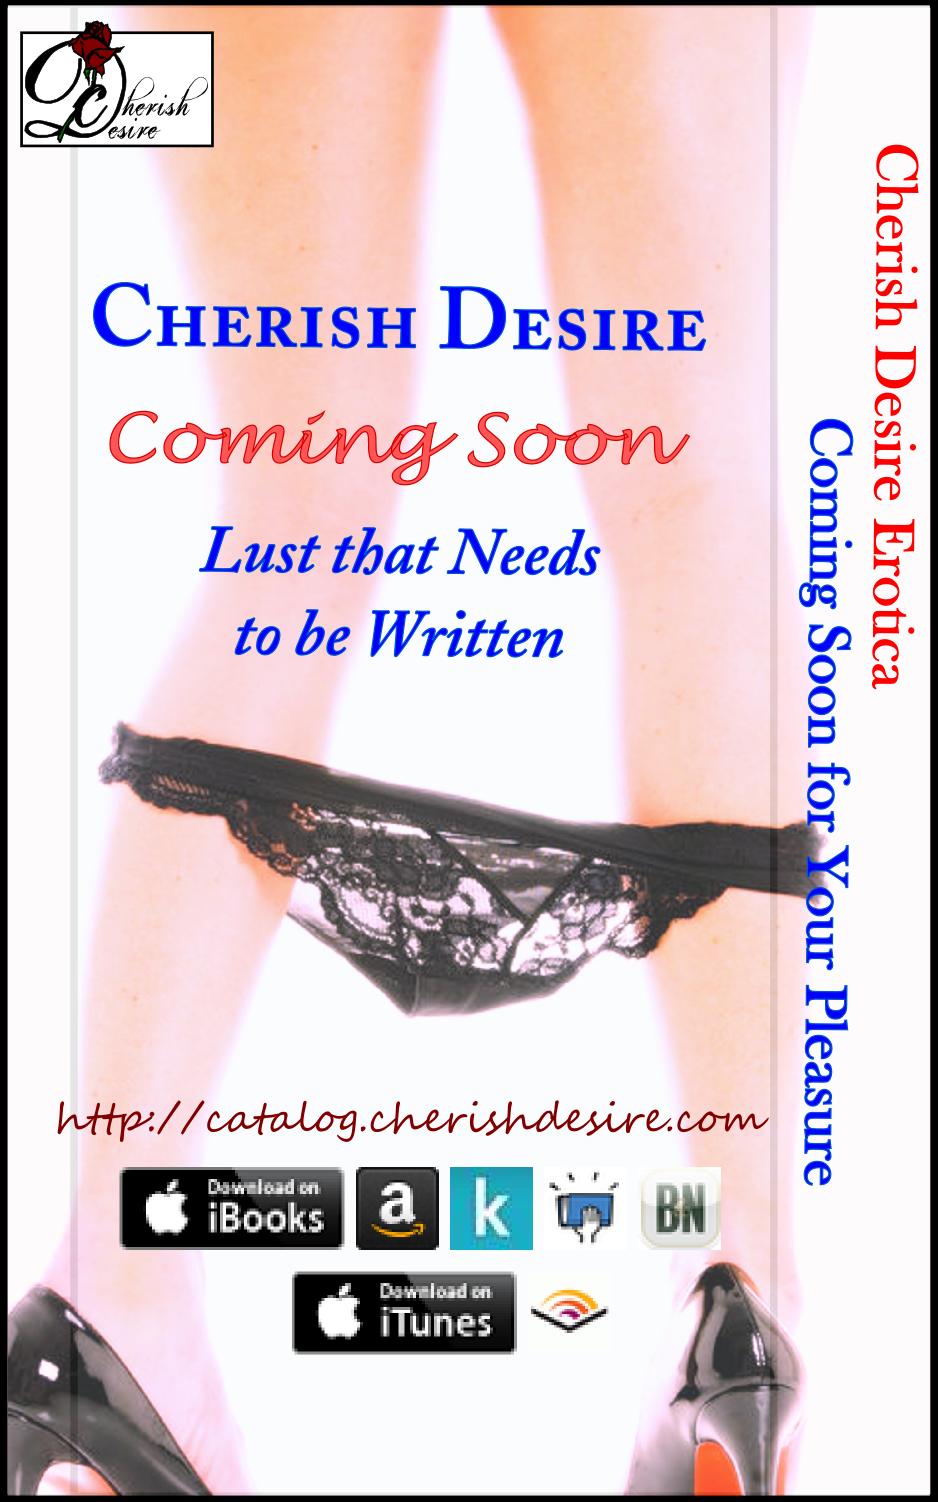 Cherish Desire Erotica, Coming Soon, Max D, erotica